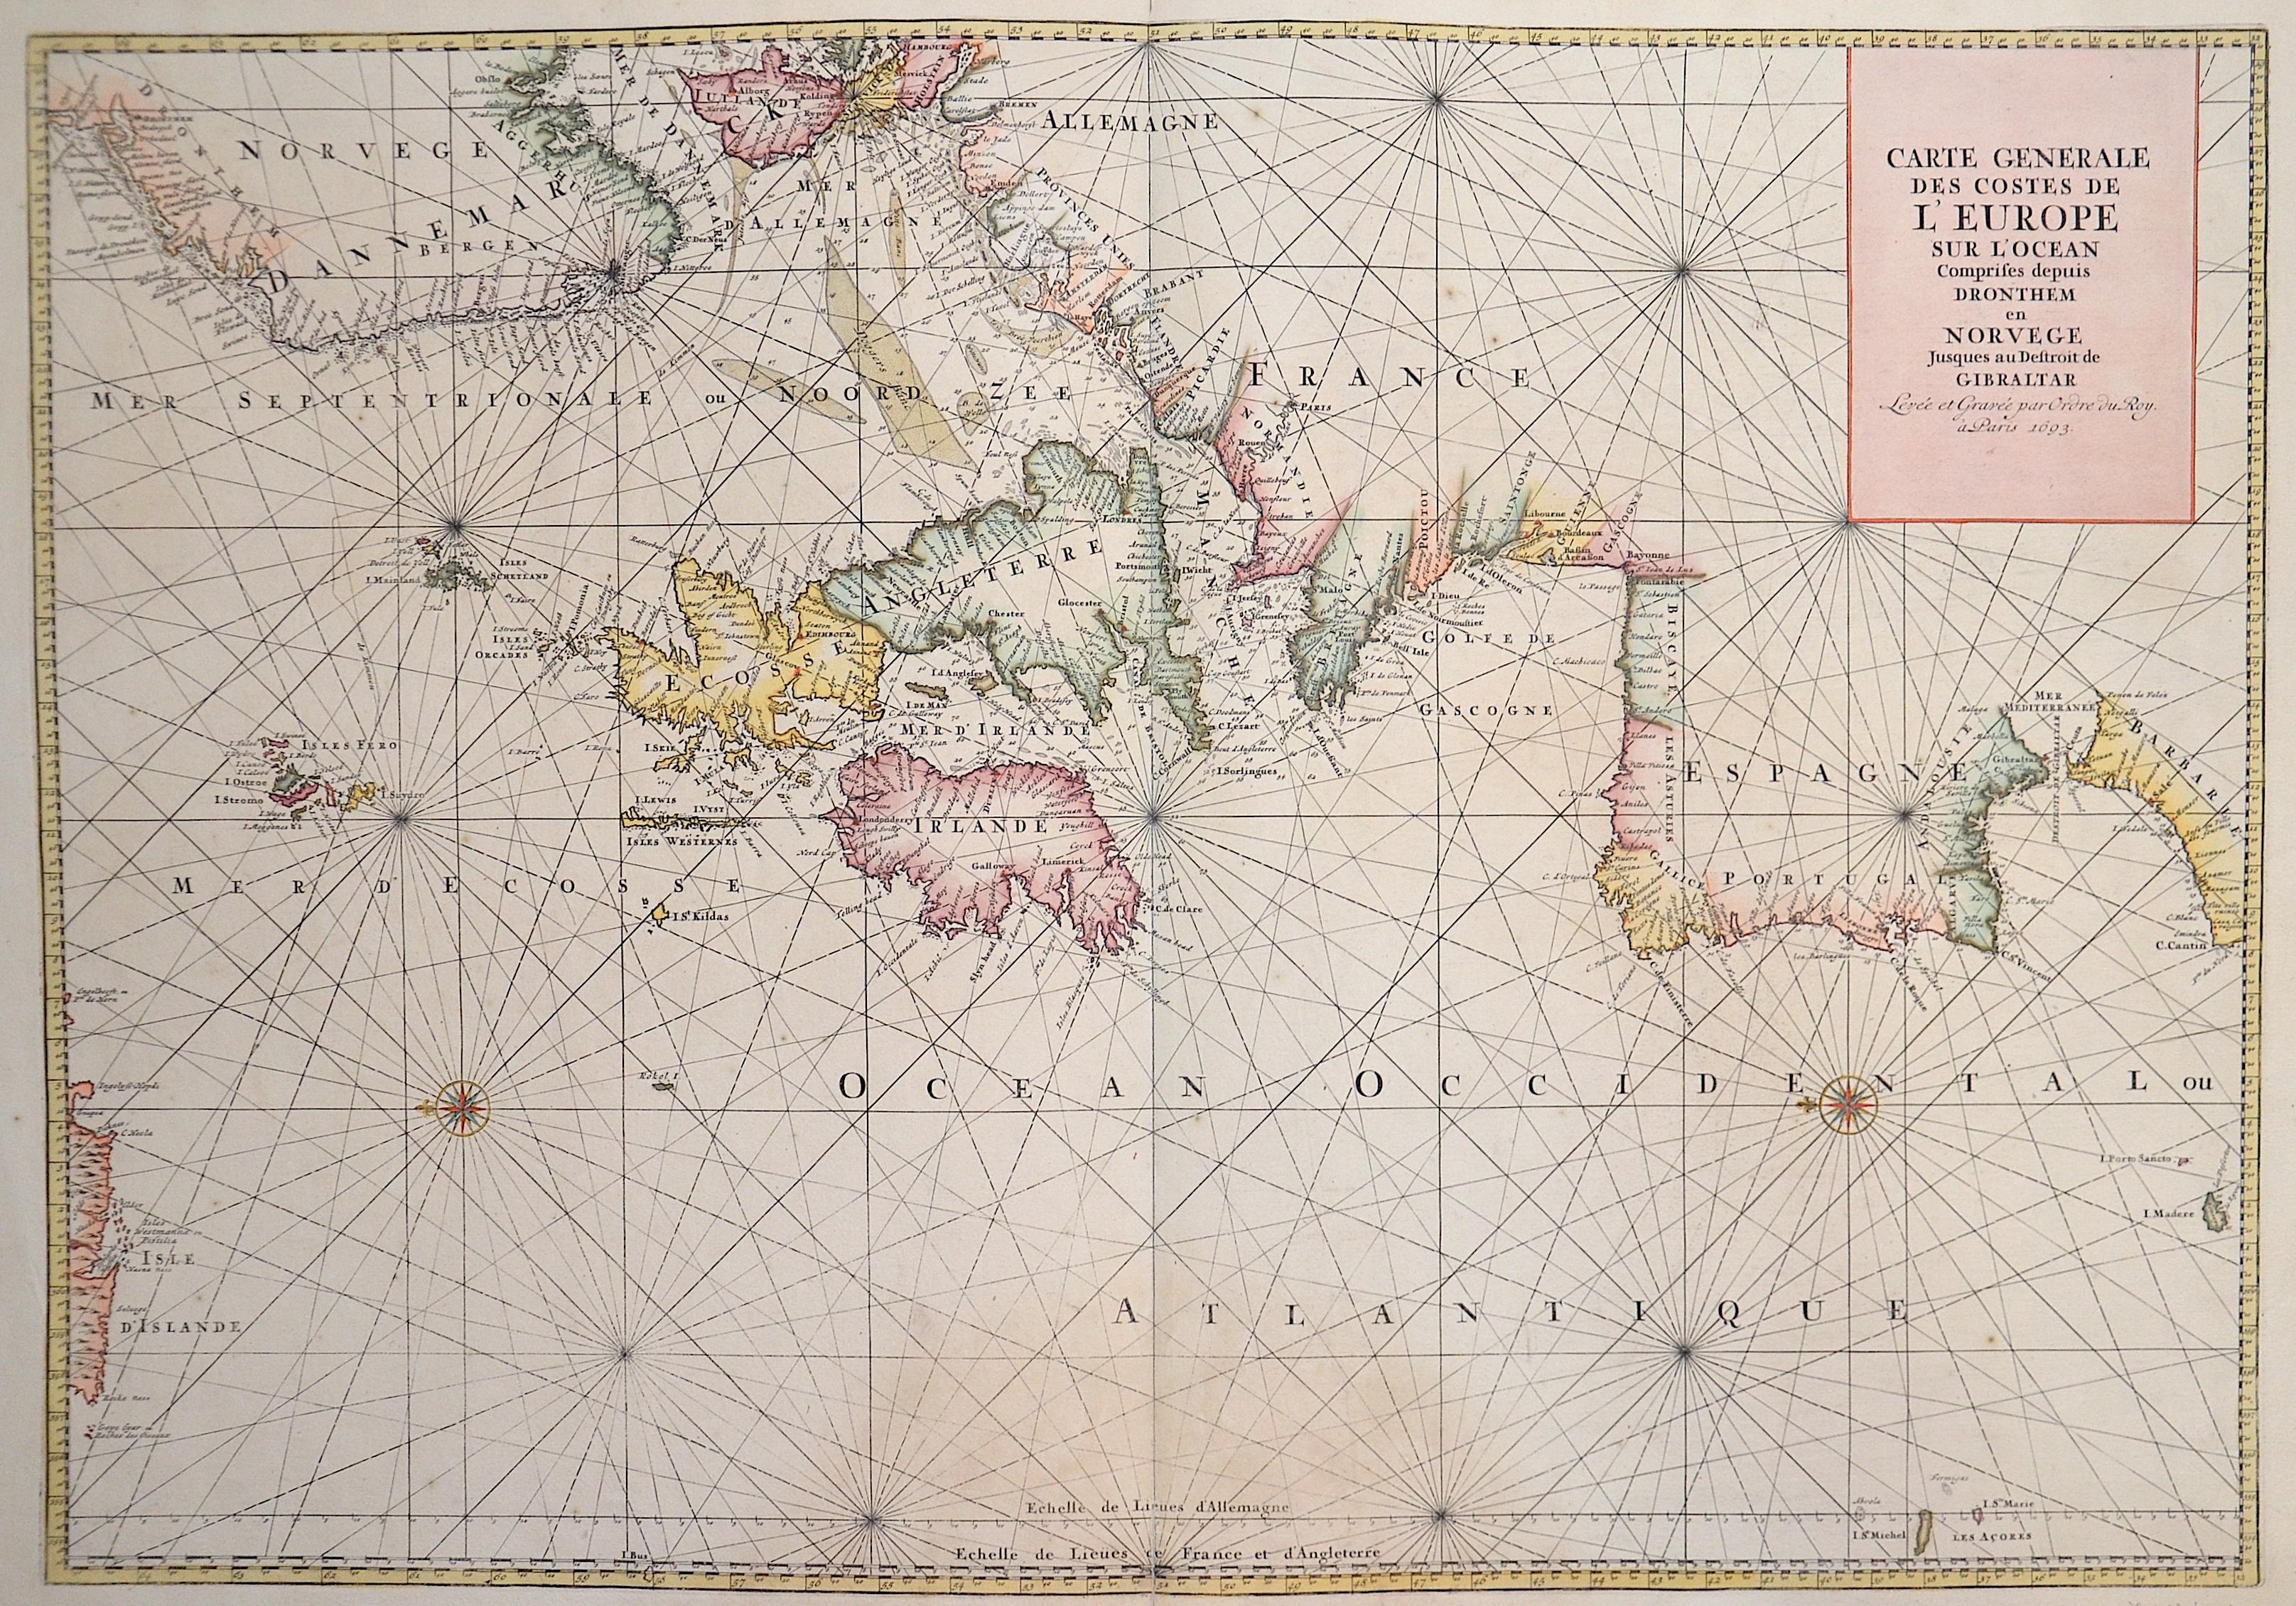 Jaillot Hubert Carte Generale des Costes de l'Europe sur l'Ocean Comprises depuis Dronthem en Norvege Jusques au Destroit de Gibraltar.